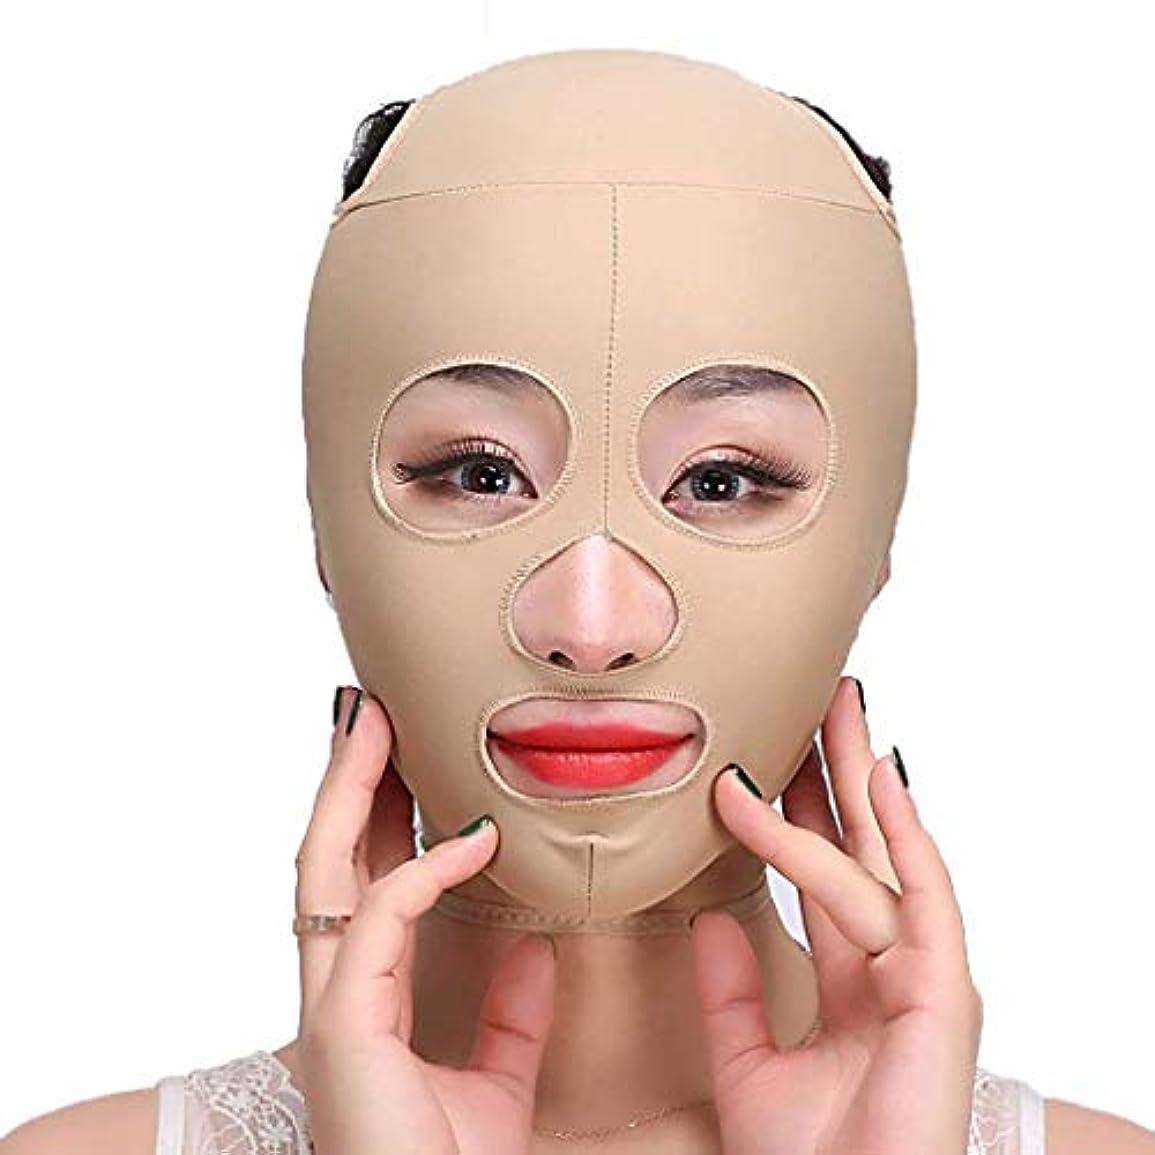 ボーカルできた春痩身ベルト、フェイスマスクシンフェイス機器リフティング引き締めVフェイス男性と女性フェイスリフティングステッカーダブルチンフェイスリフティングフェイスマスク包帯フェイシャルマッサージ(サイズ:M)